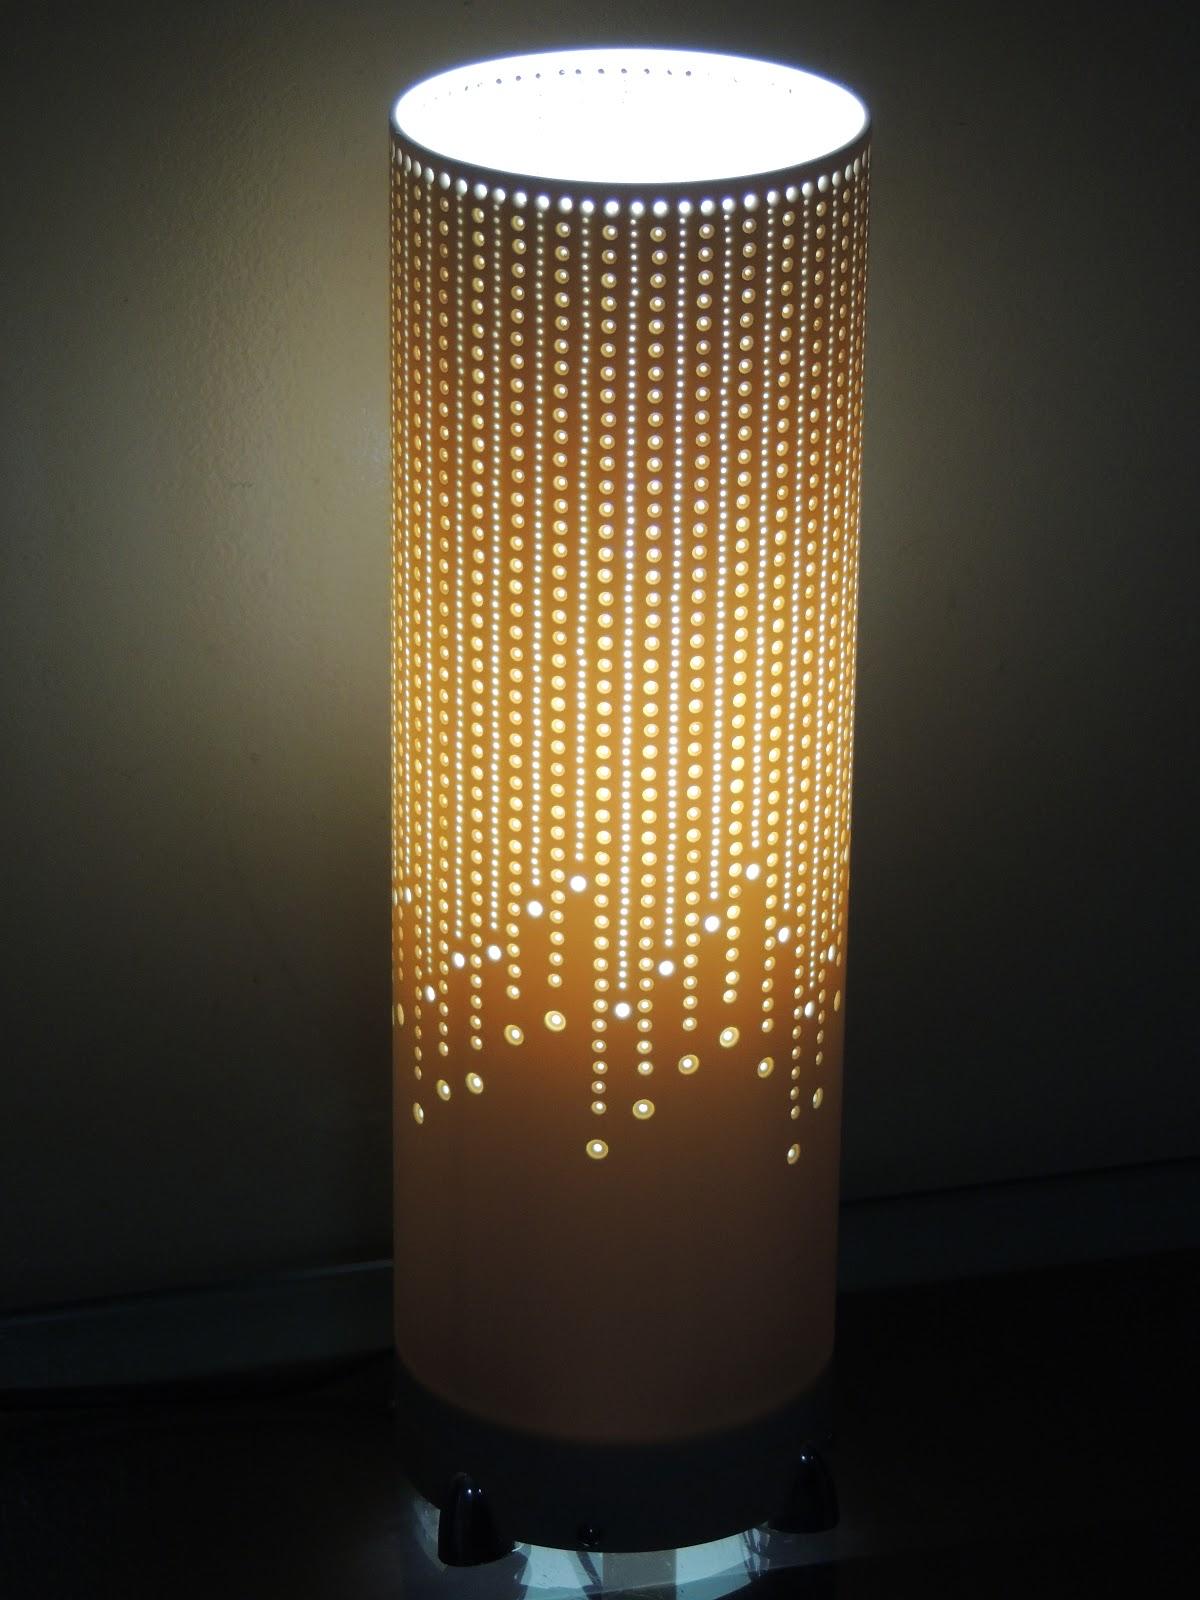 Artes braz luminarias em pvc 31 03 13 07 04 13 - Lamparas lucena ...